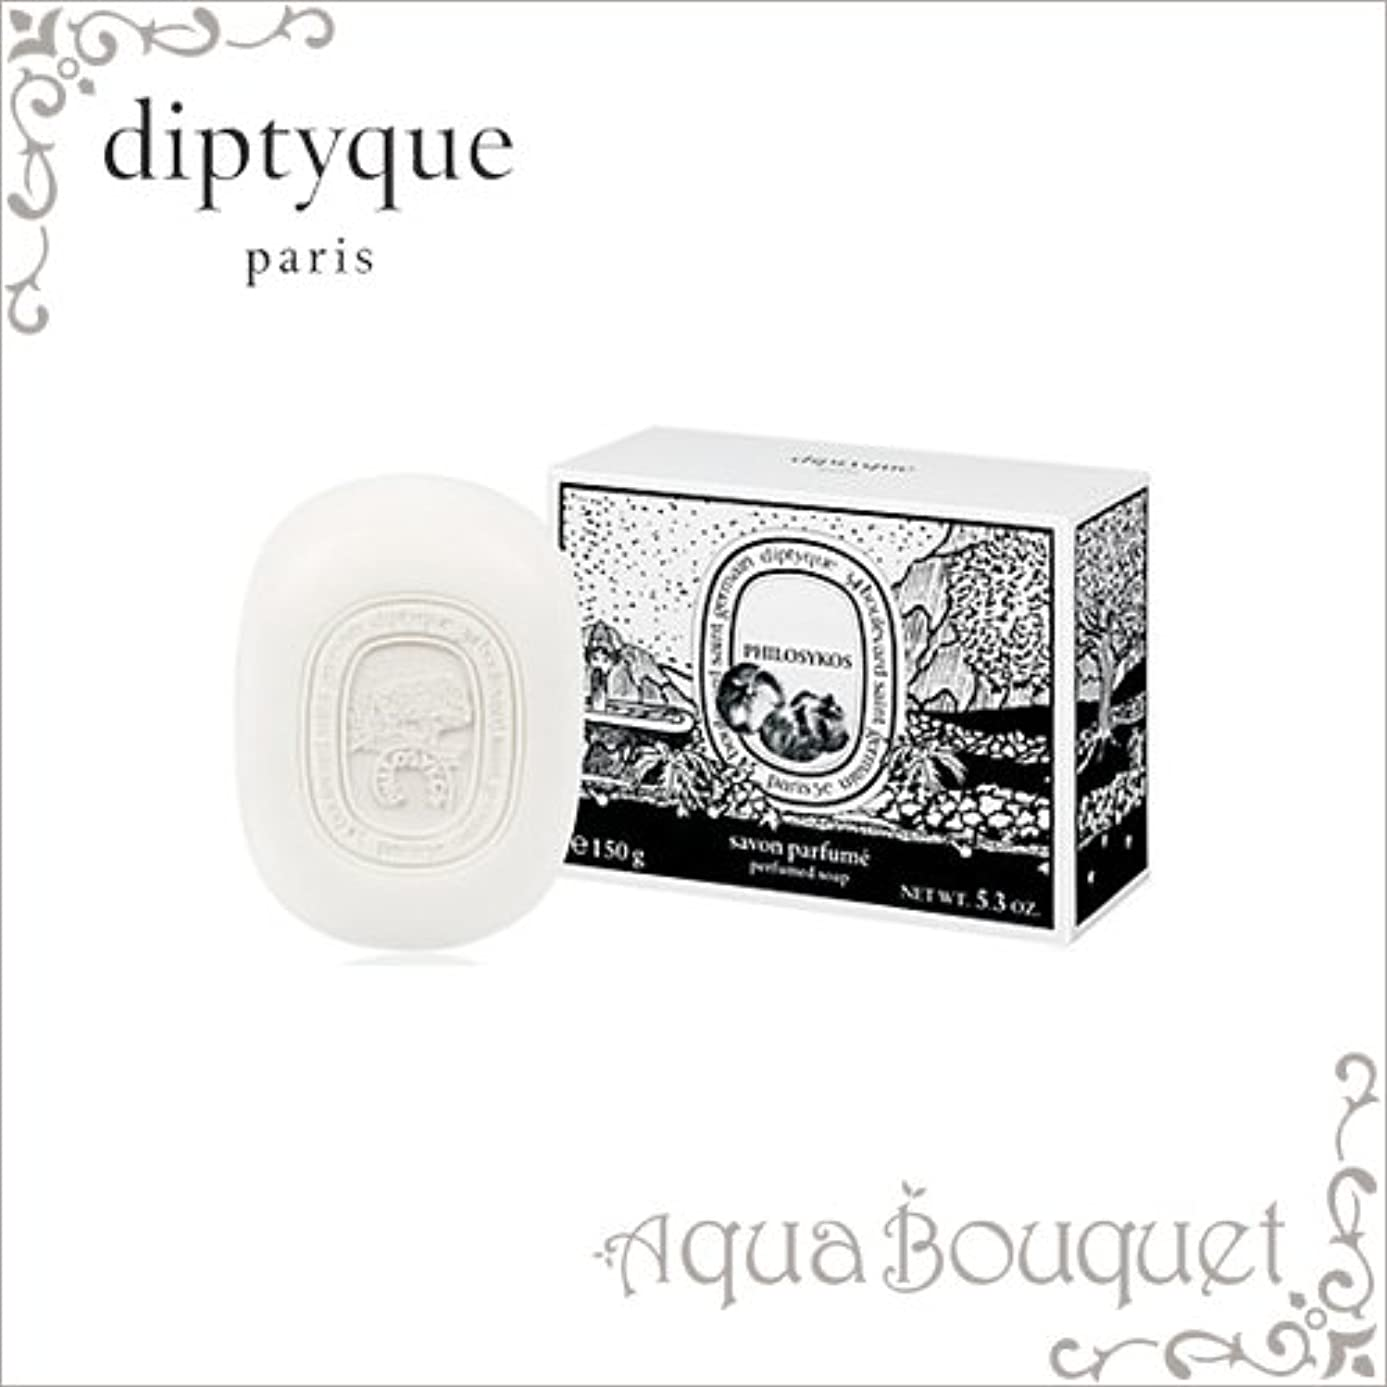 ディプティック フィロシコス ソープ 150g DIPTYQUE PHILOSYKOS SOAP